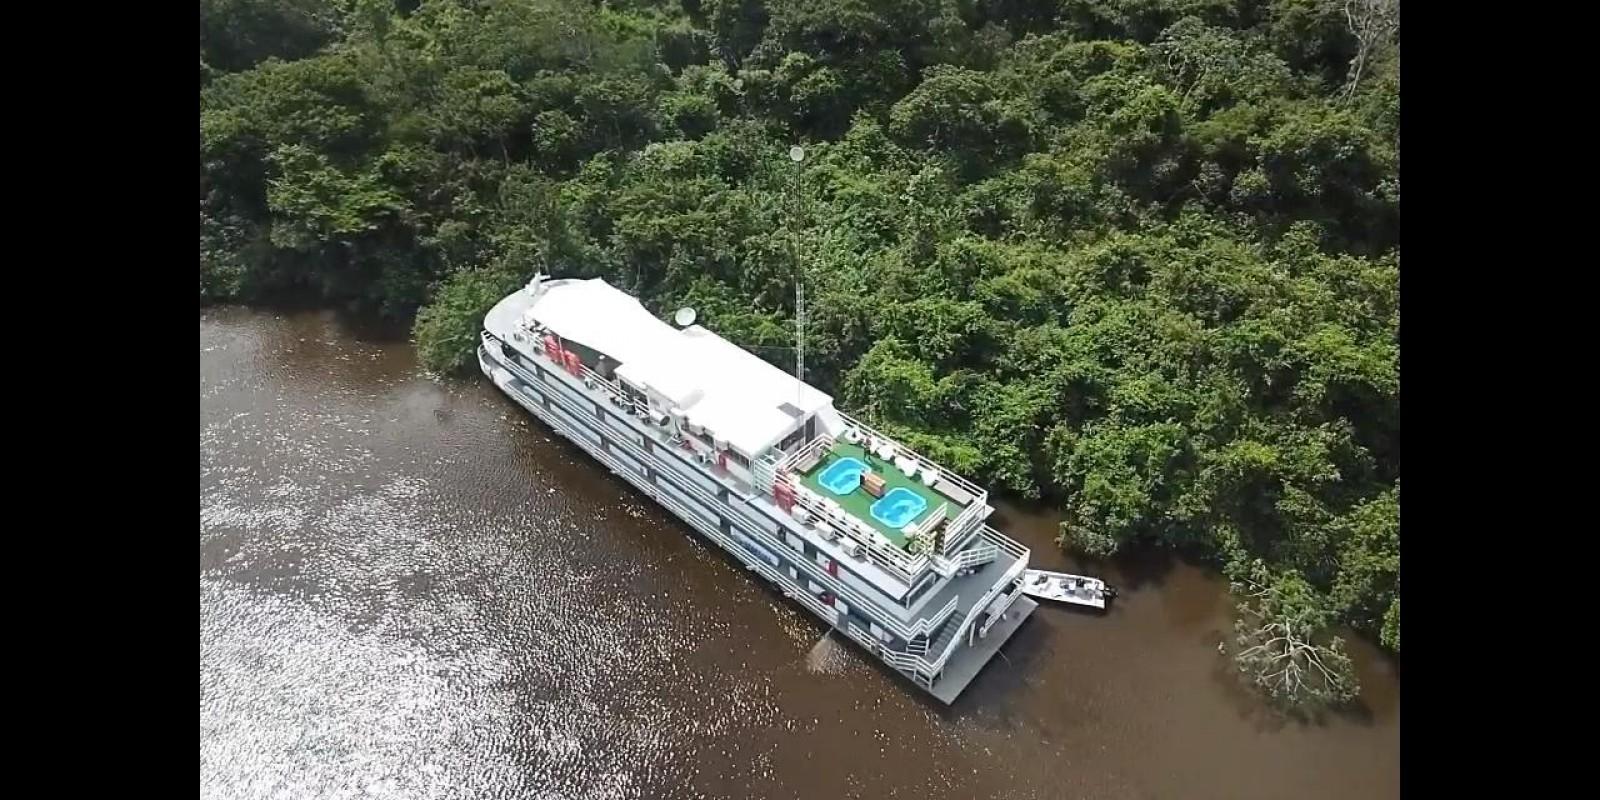 Barco Hotel Panorâmico - P. Cercado 36 pessoas - Foto 7 de 13